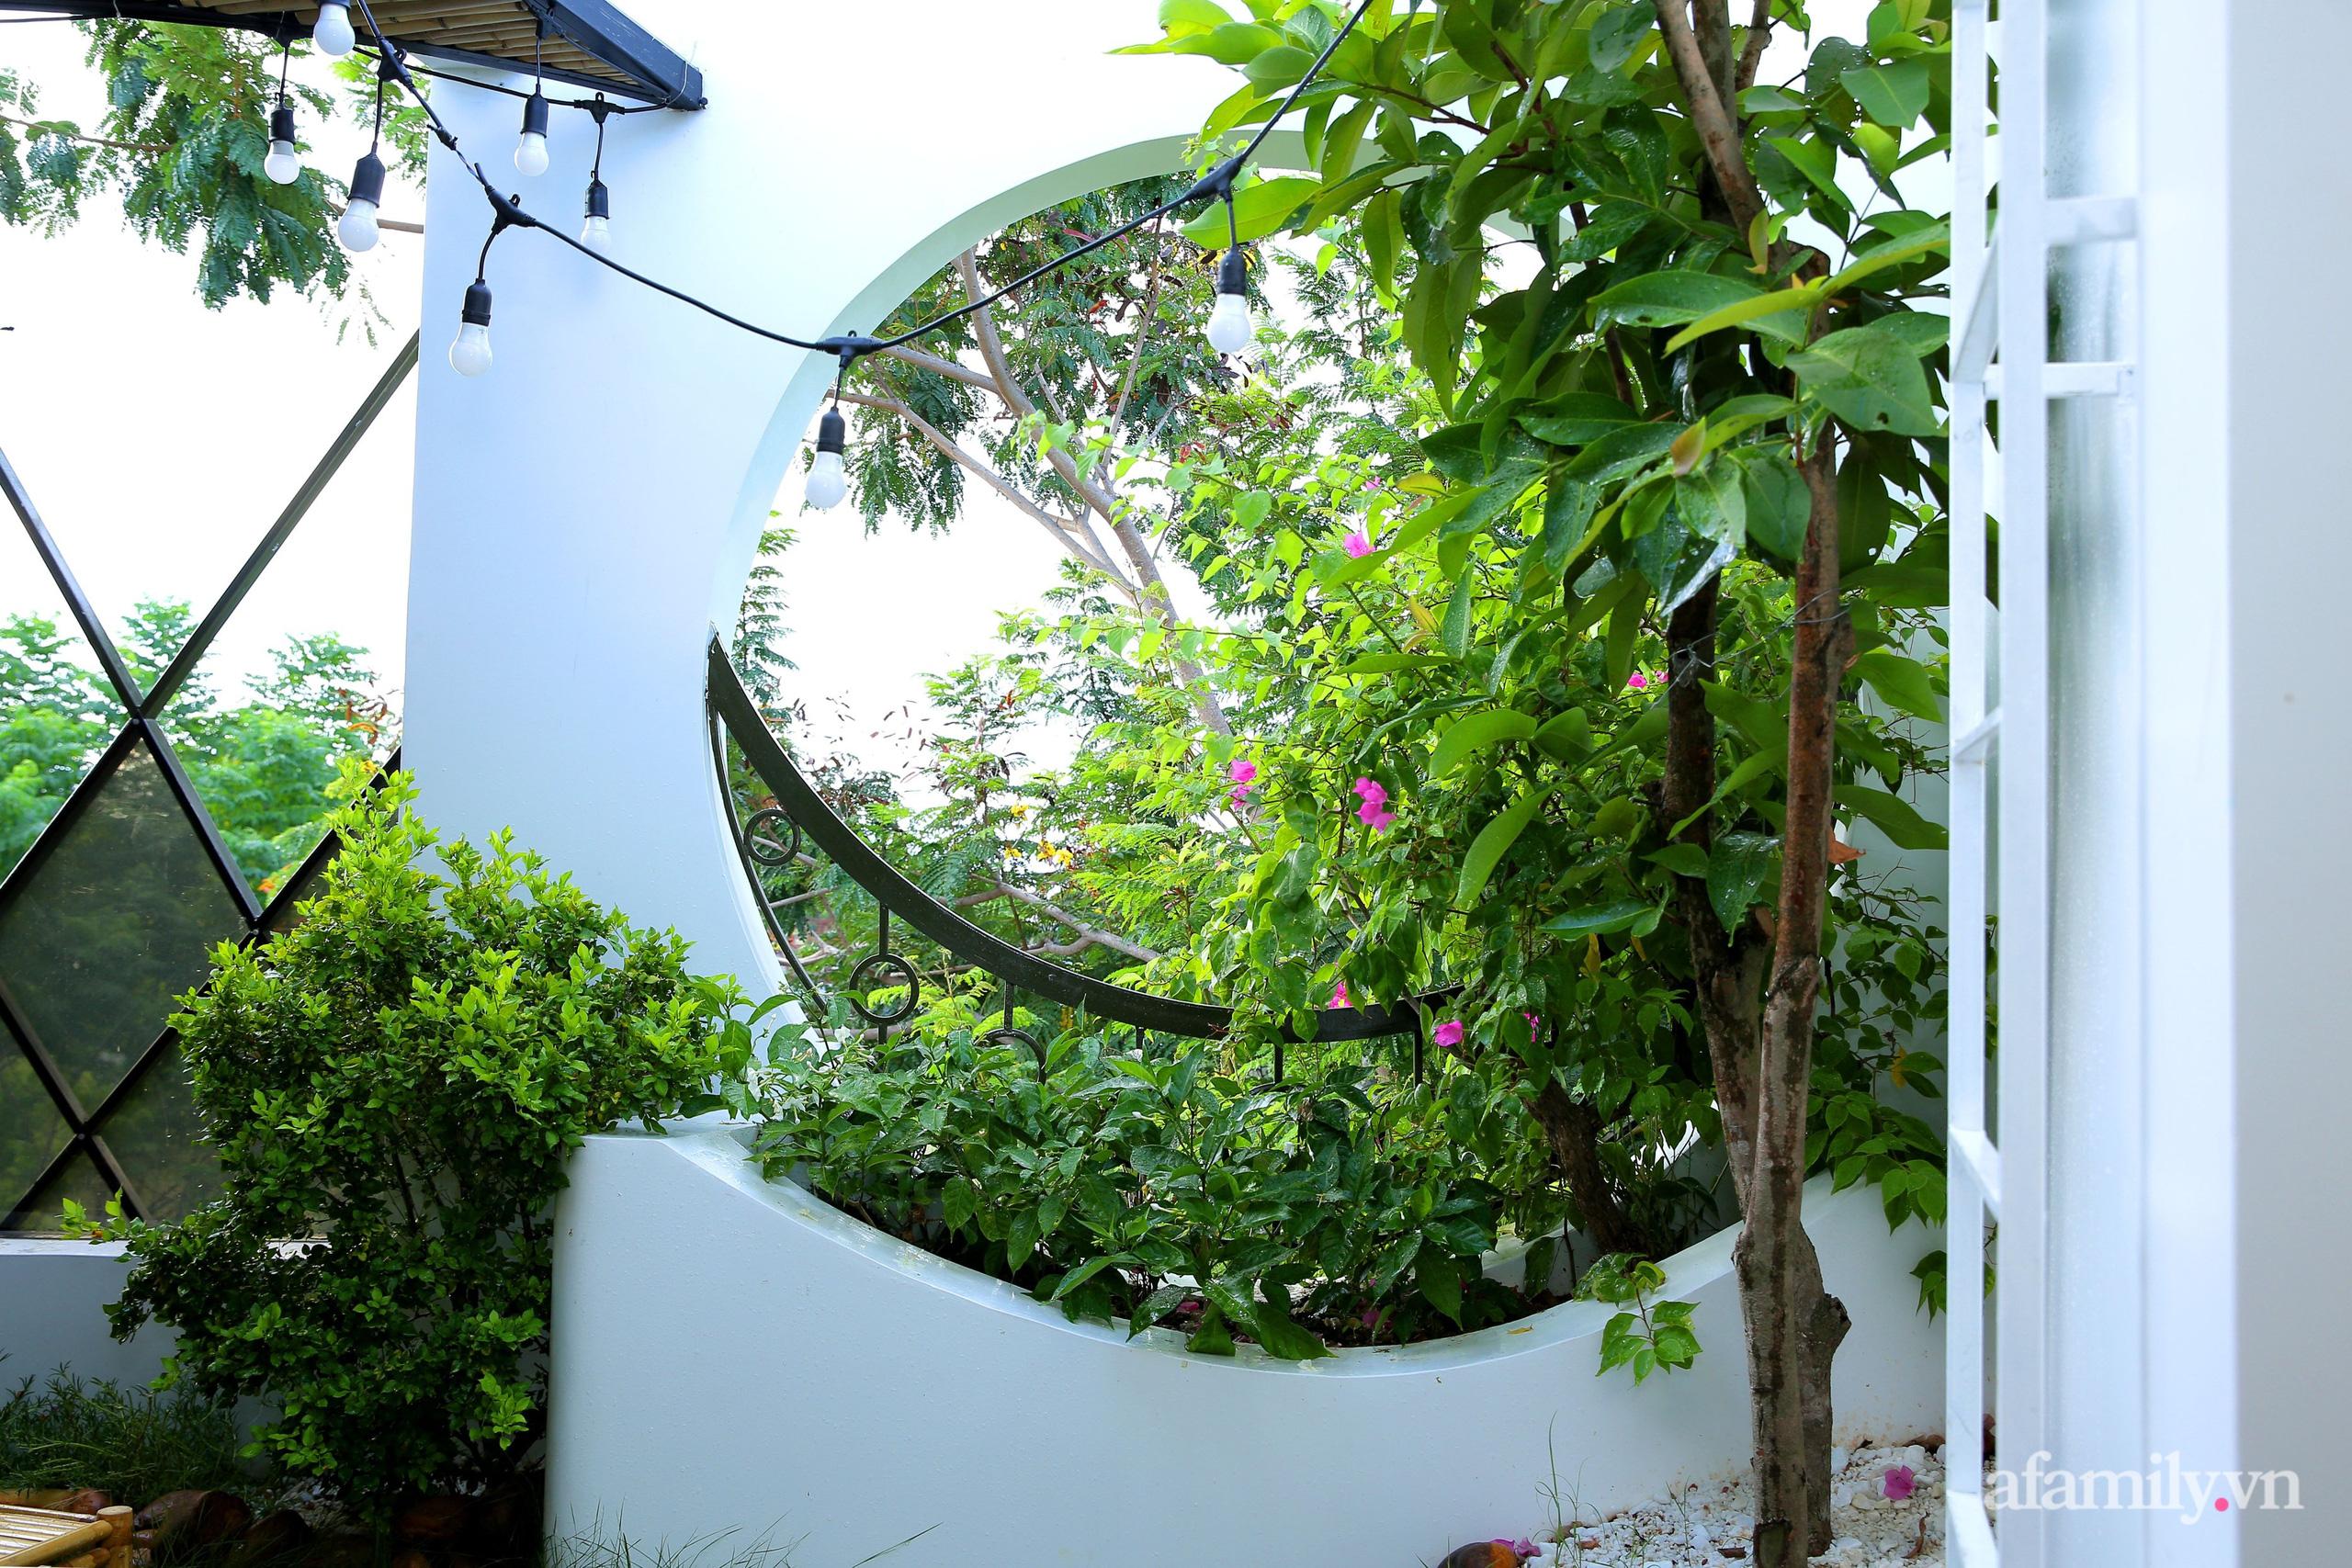 Chồng xây tặng vợ con ngôi nhà ấm cúng với sắc trắng vàng cùng cây xanh và ánh sáng ngập tràn ở Đà Nẵng sau 10 năm ở trọ - Ảnh 19.